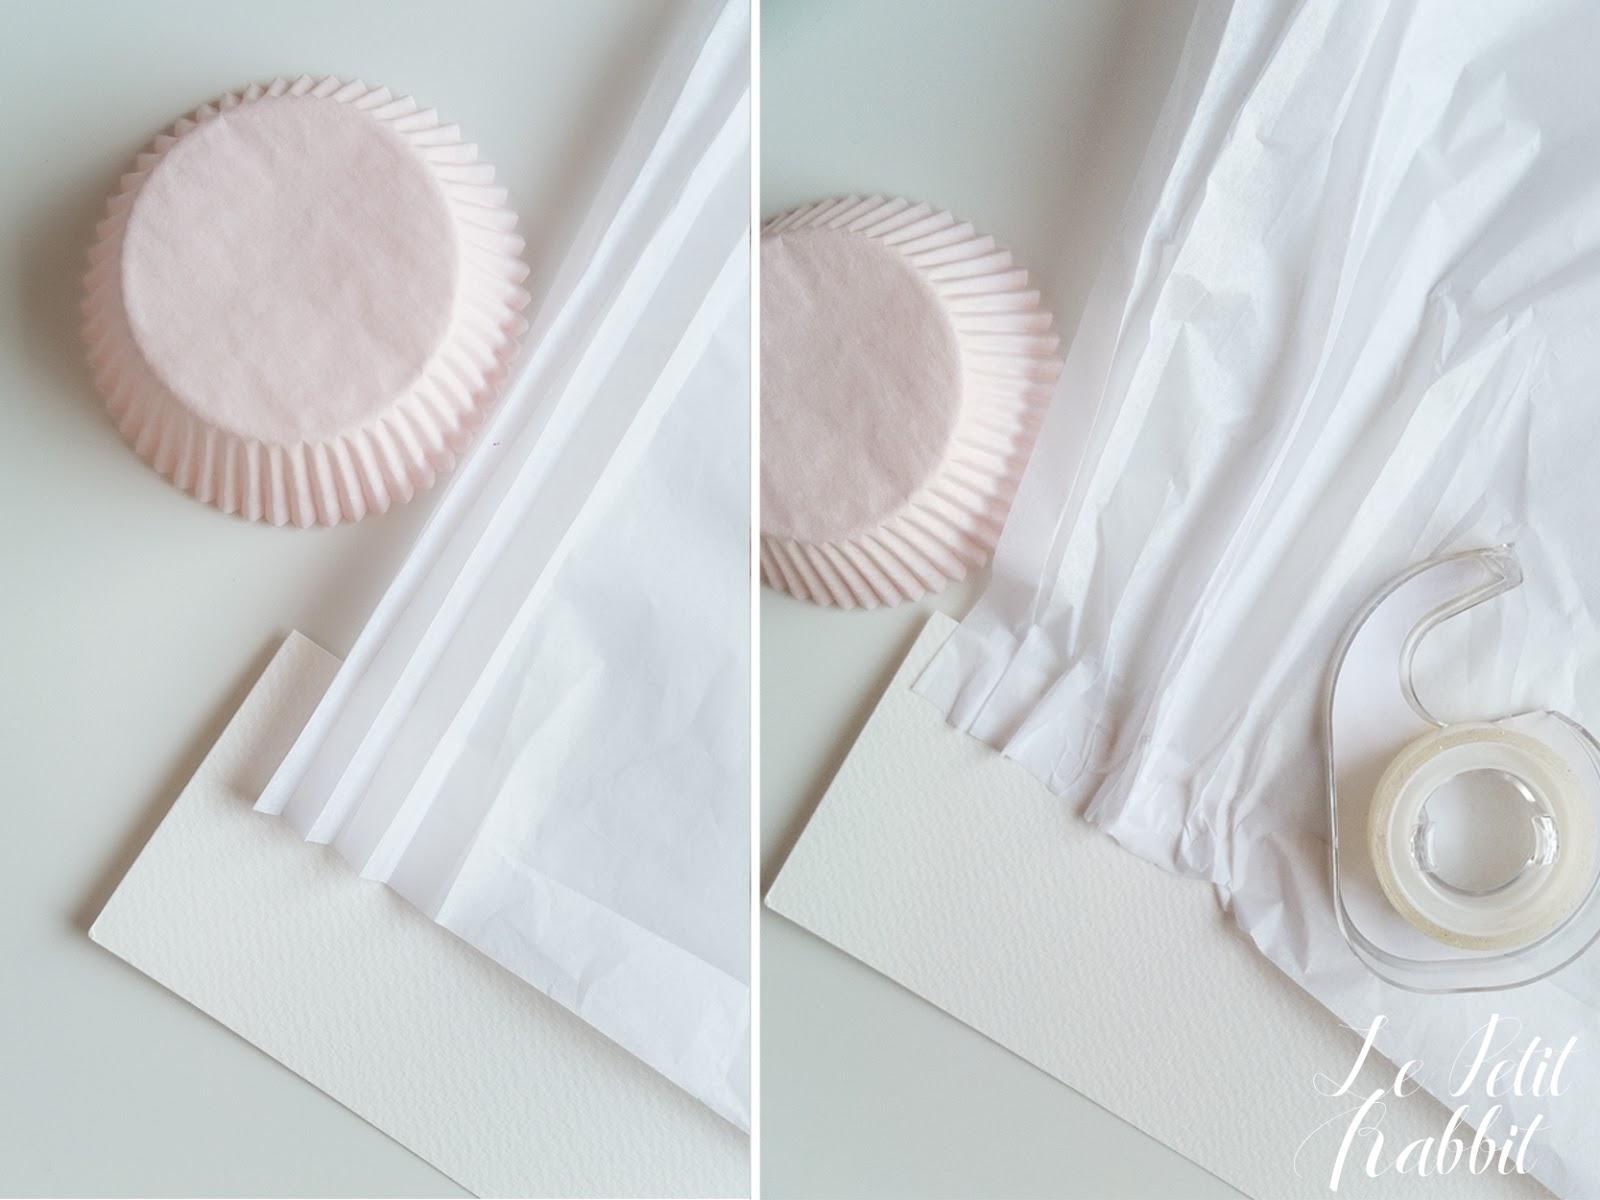 Tagliate una fascia di cartoncino bianco che sarà la base del vostro  cappello. Io ho realizzato una fascia alta 7 cm e lunga circa 60 cm 1338cdbf19b3